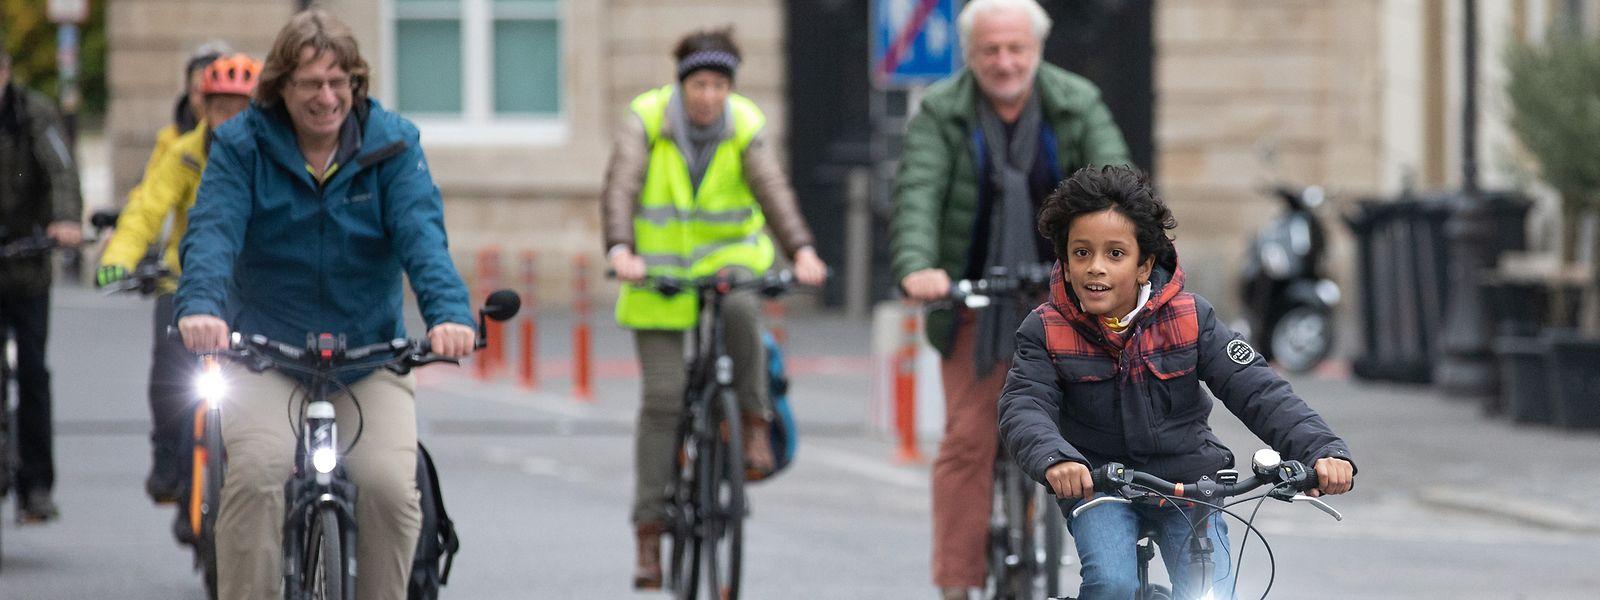 Die Zahl der Radfahrer in der Hauptstadt hat in den letzten Jahren erheblich zugenommen.